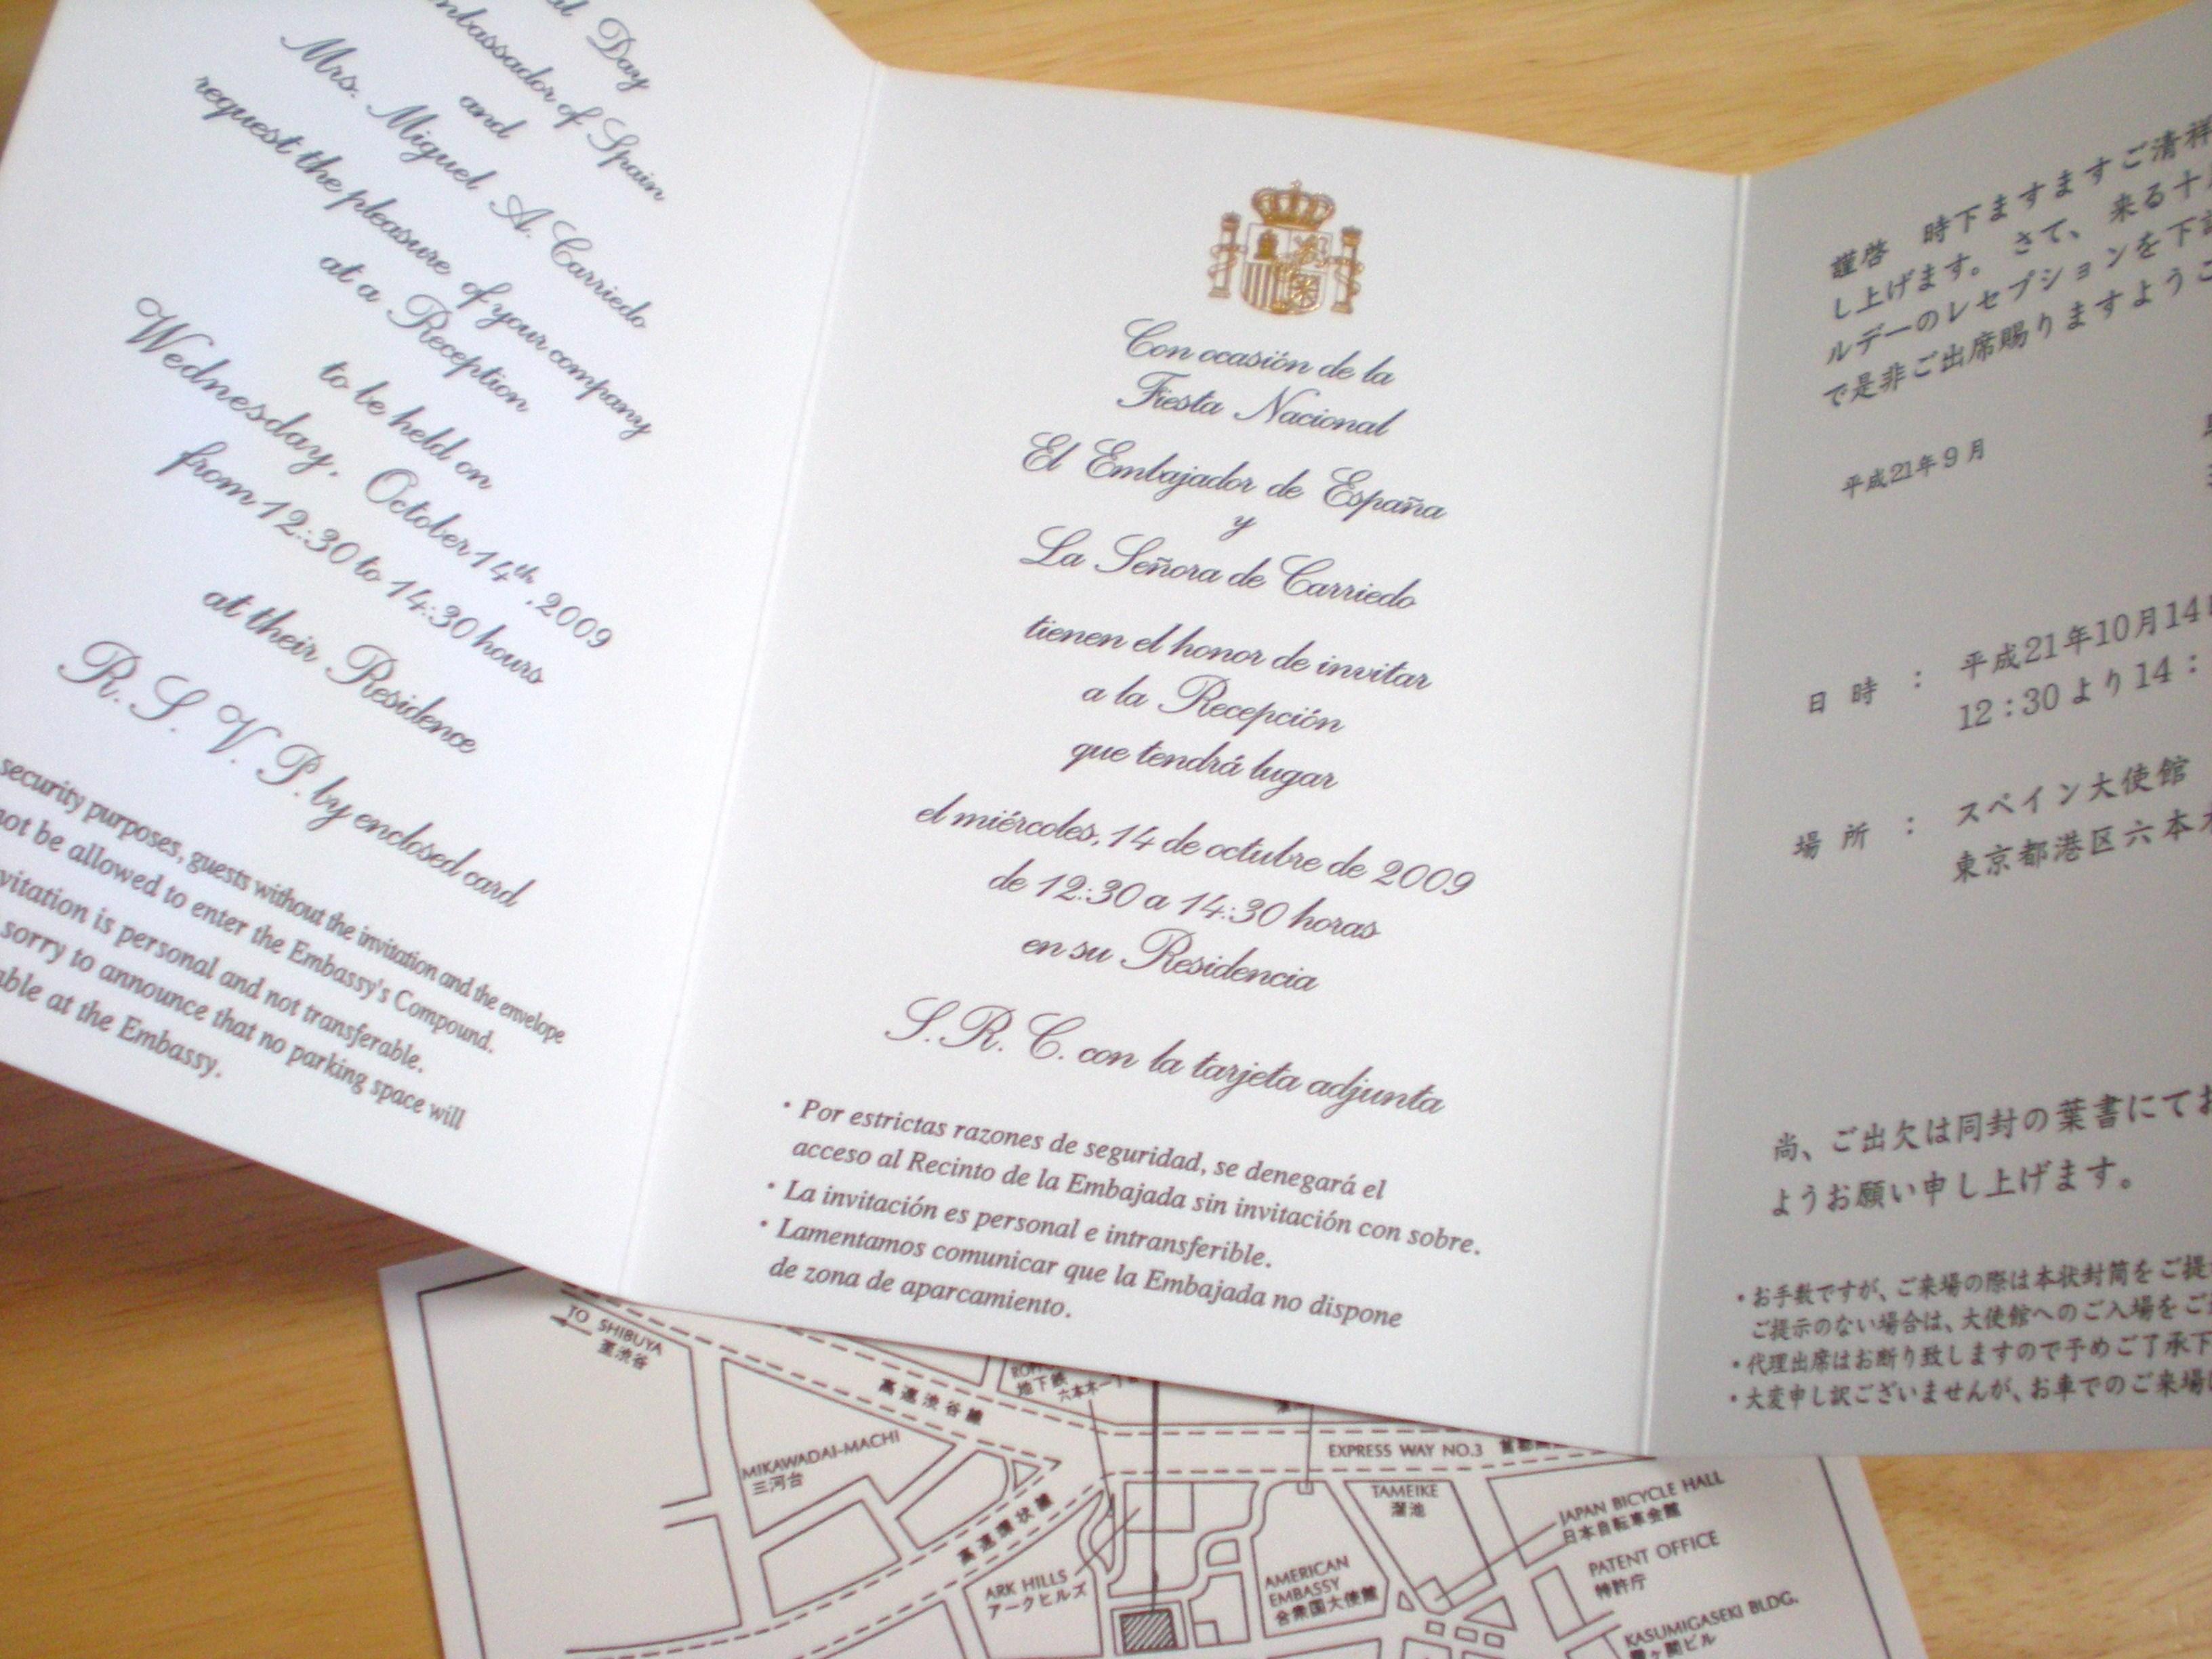 Invitación a un evento